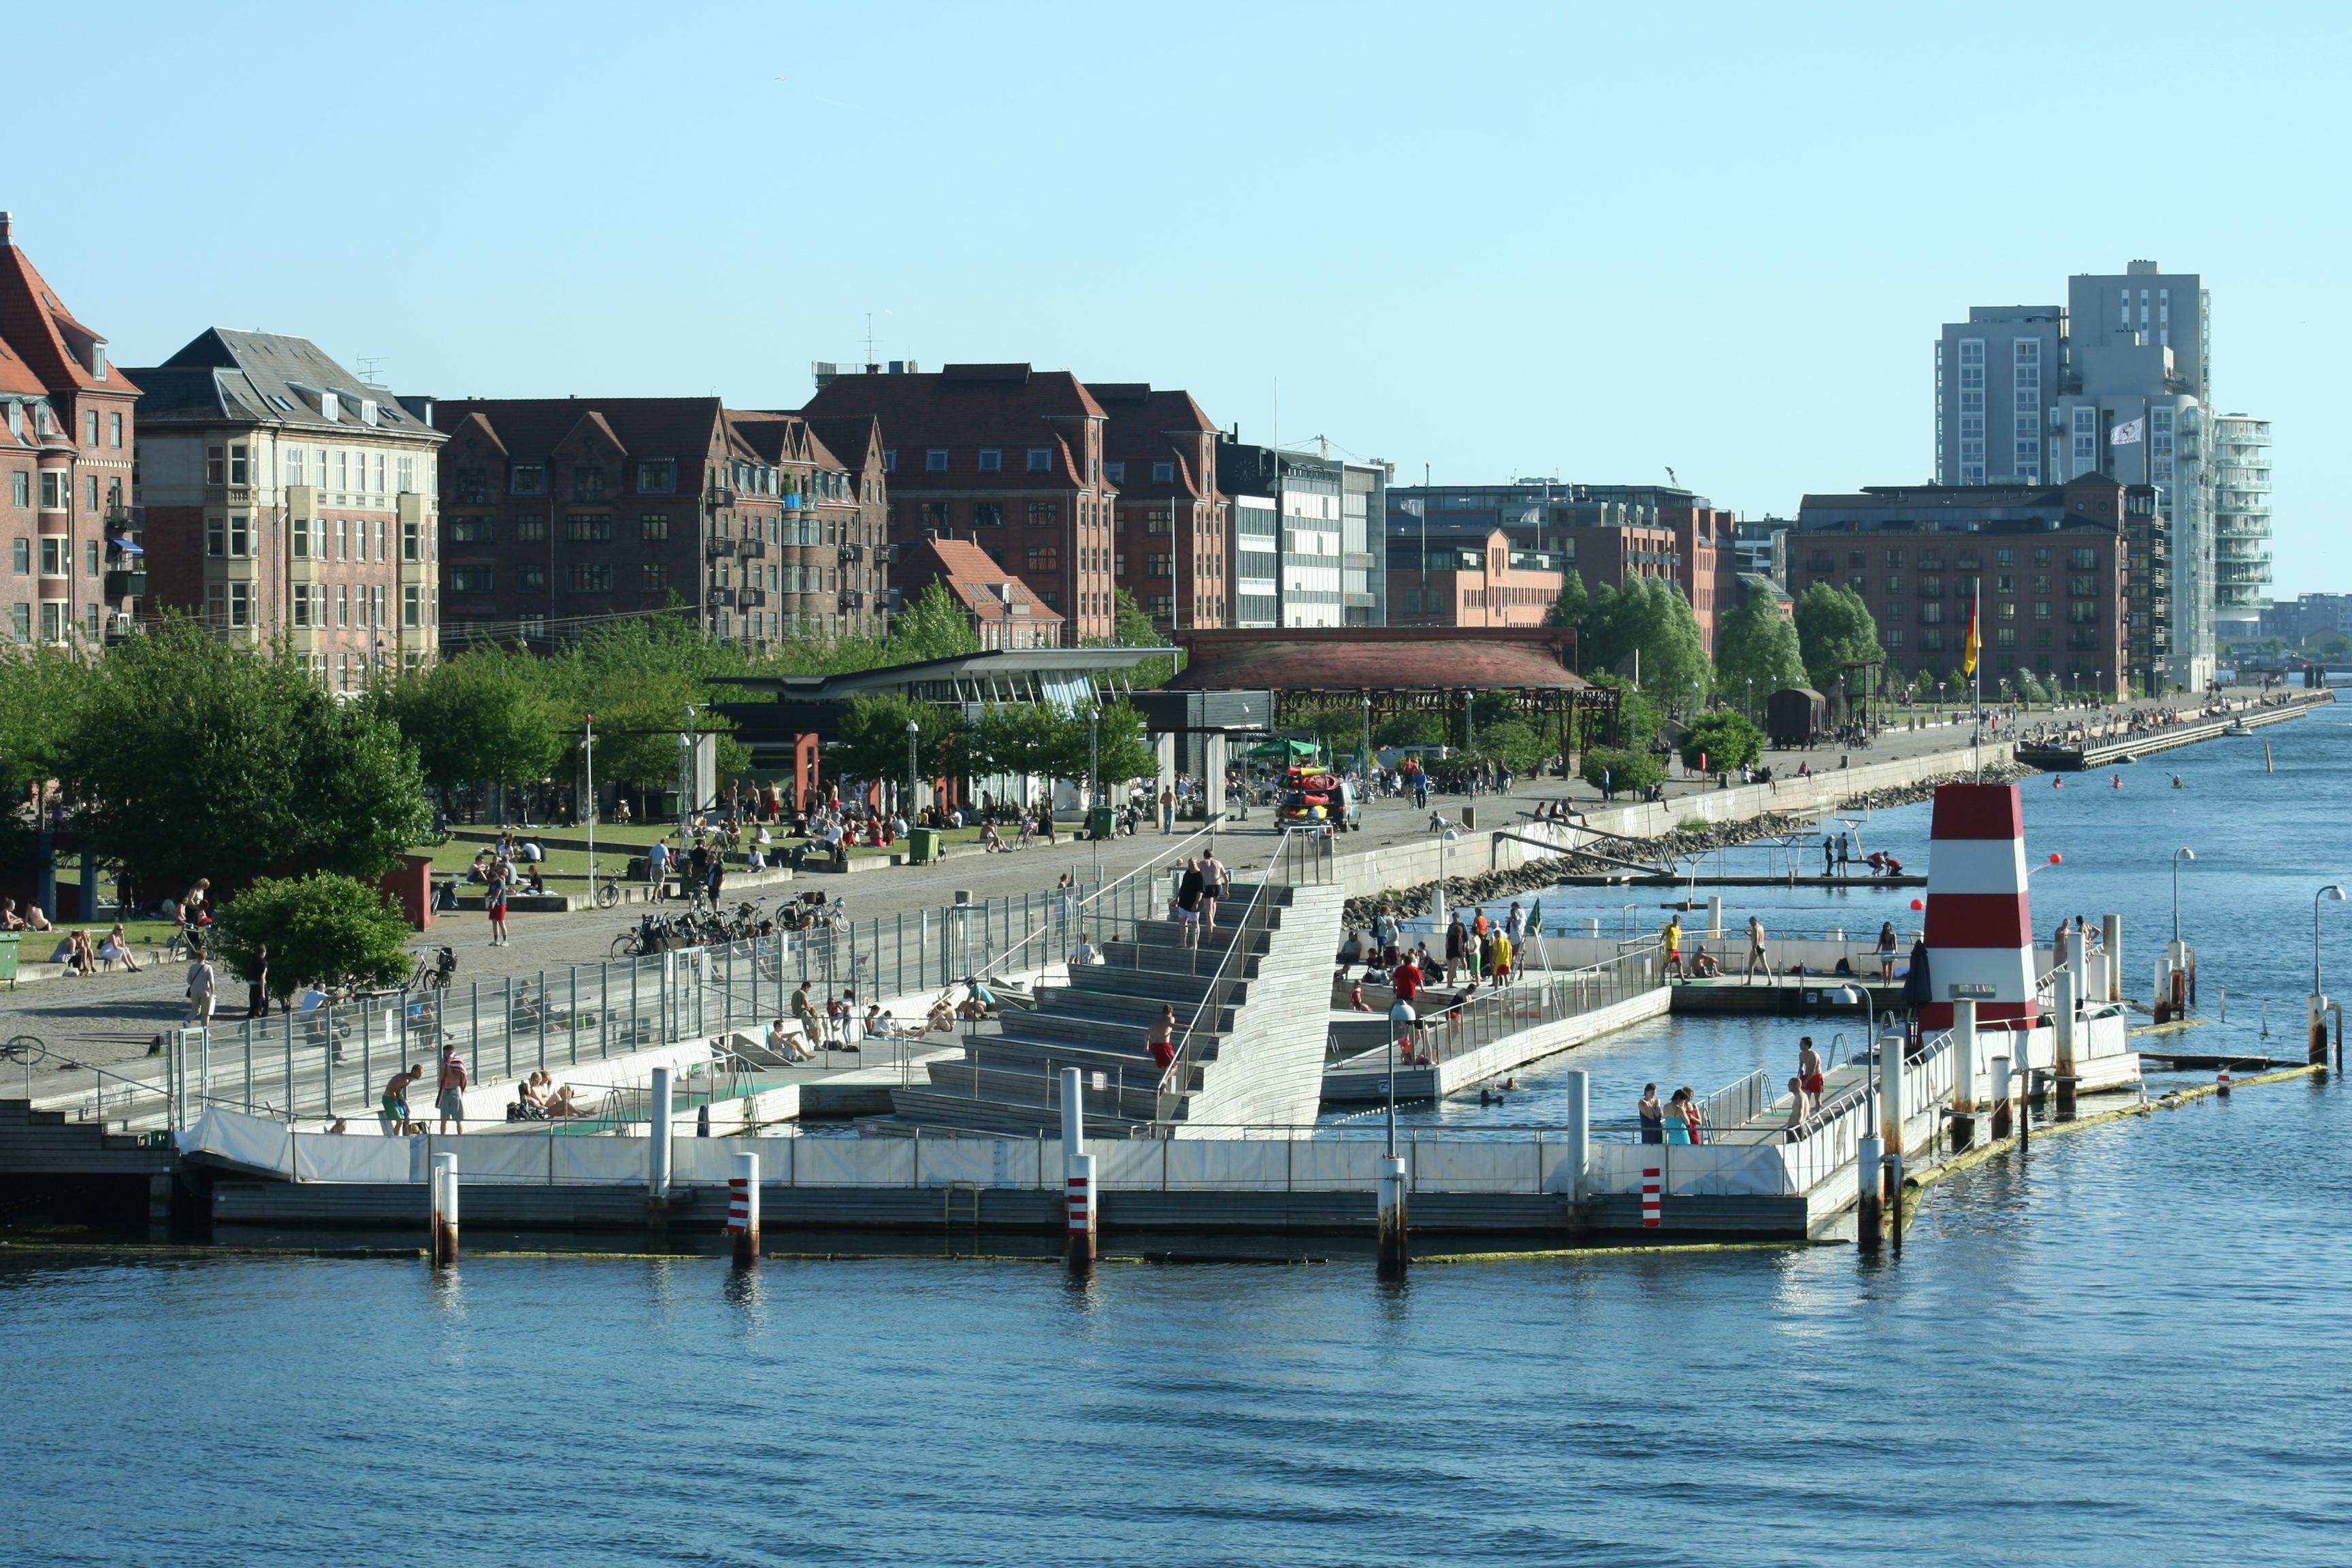 Havneparken Wikipedia